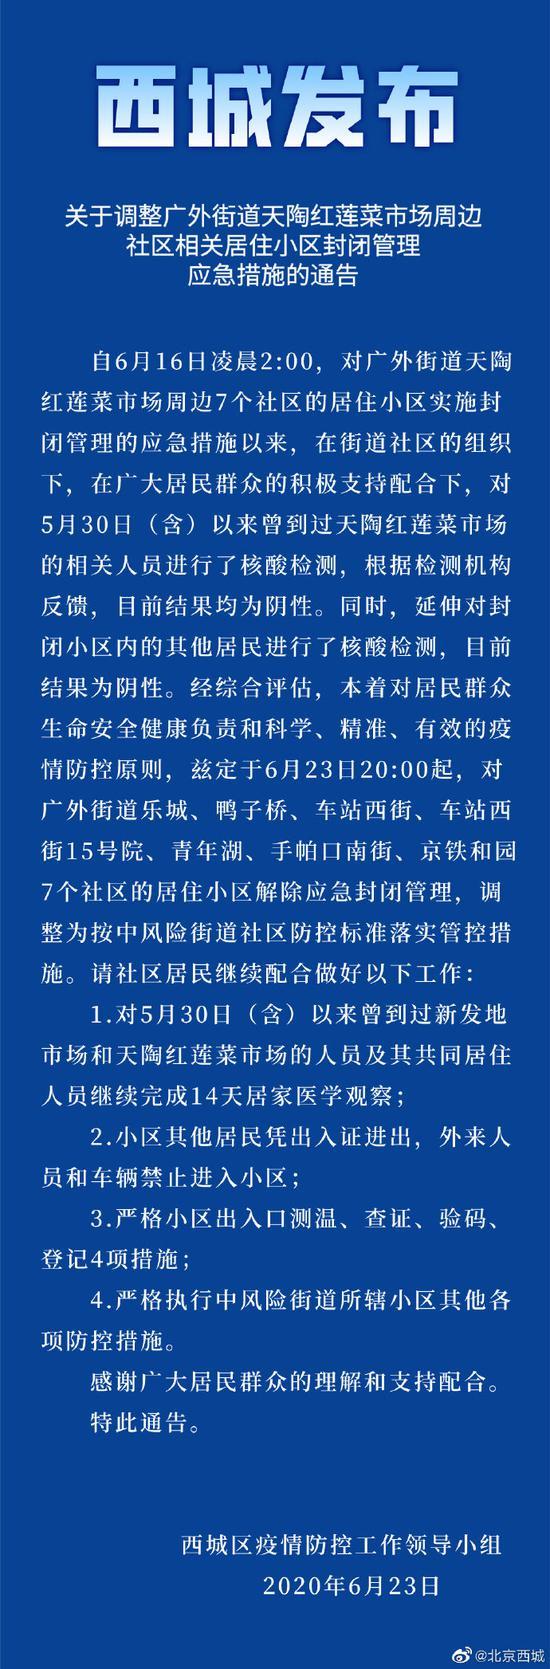 摩鑫官网,城区广外街摩鑫官网道天陶红莲菜市图片